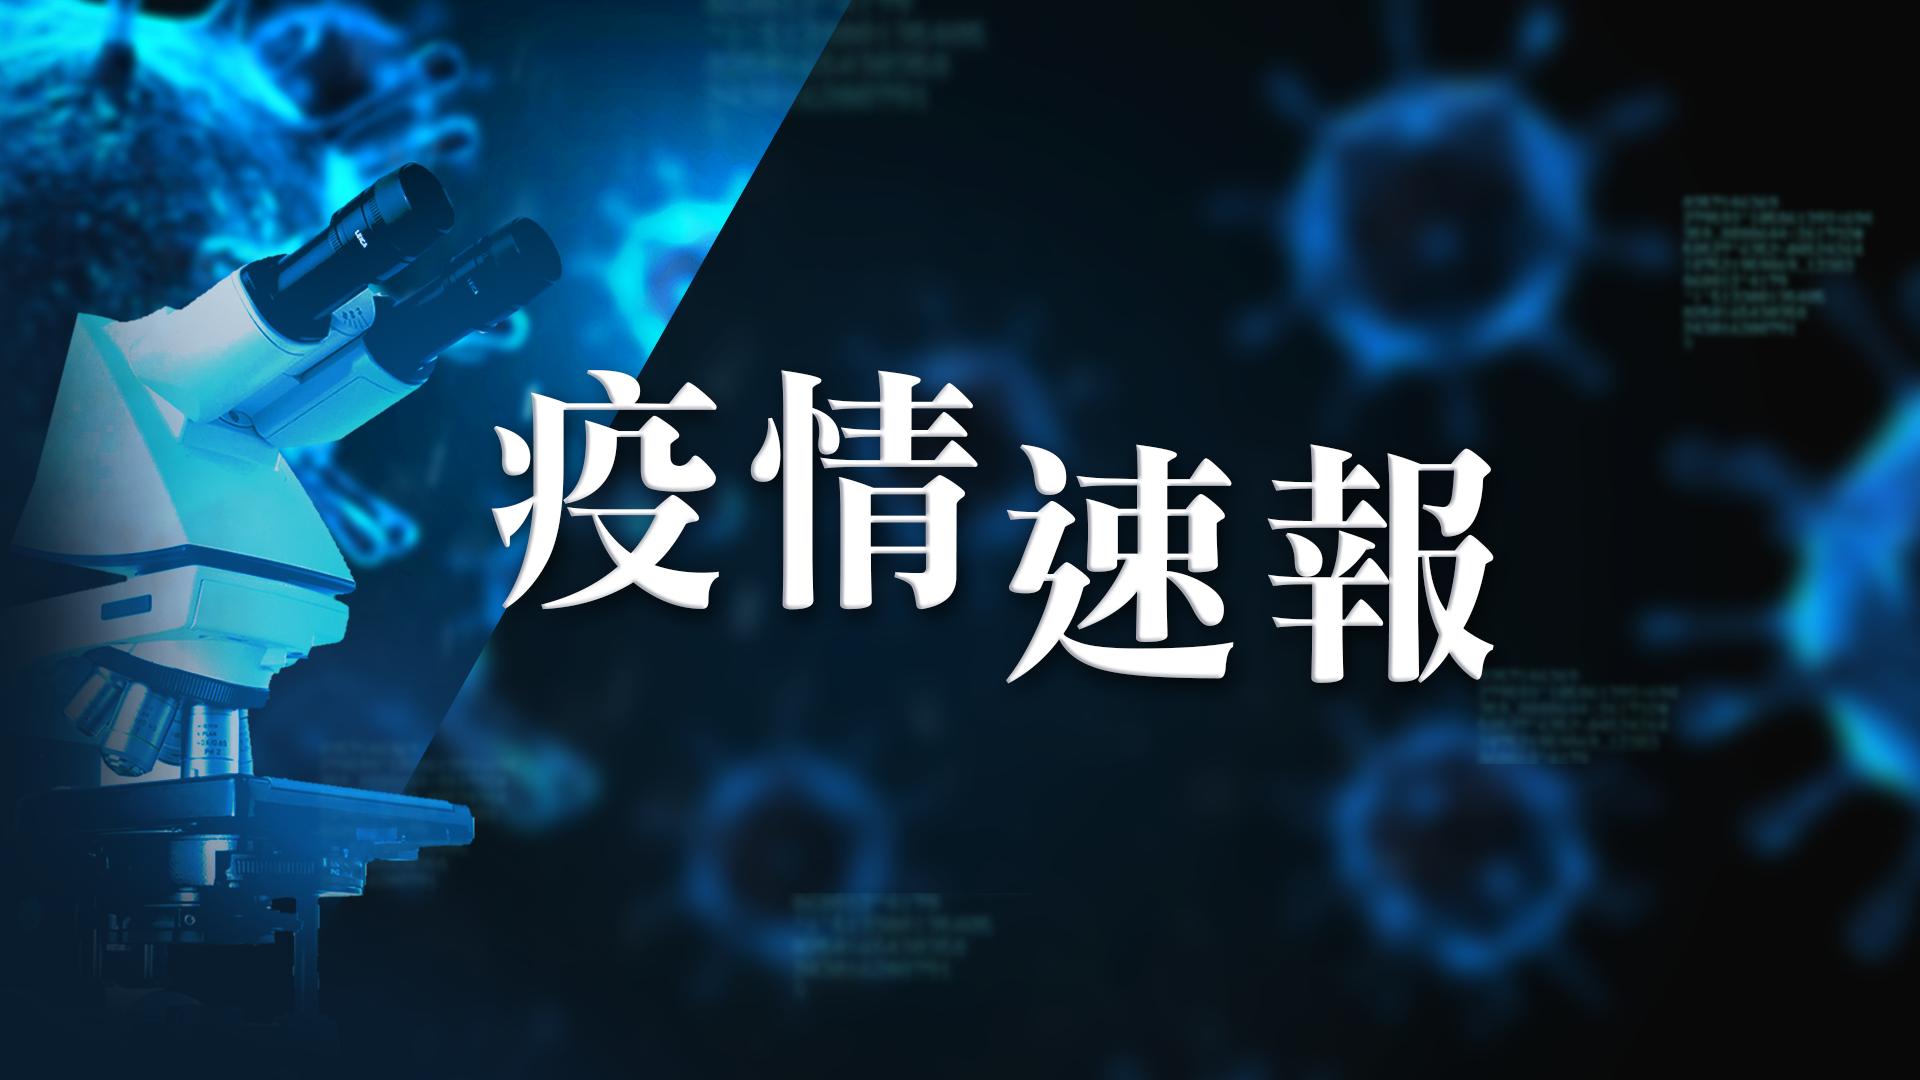 【8月4日疫情速報】(23:30)